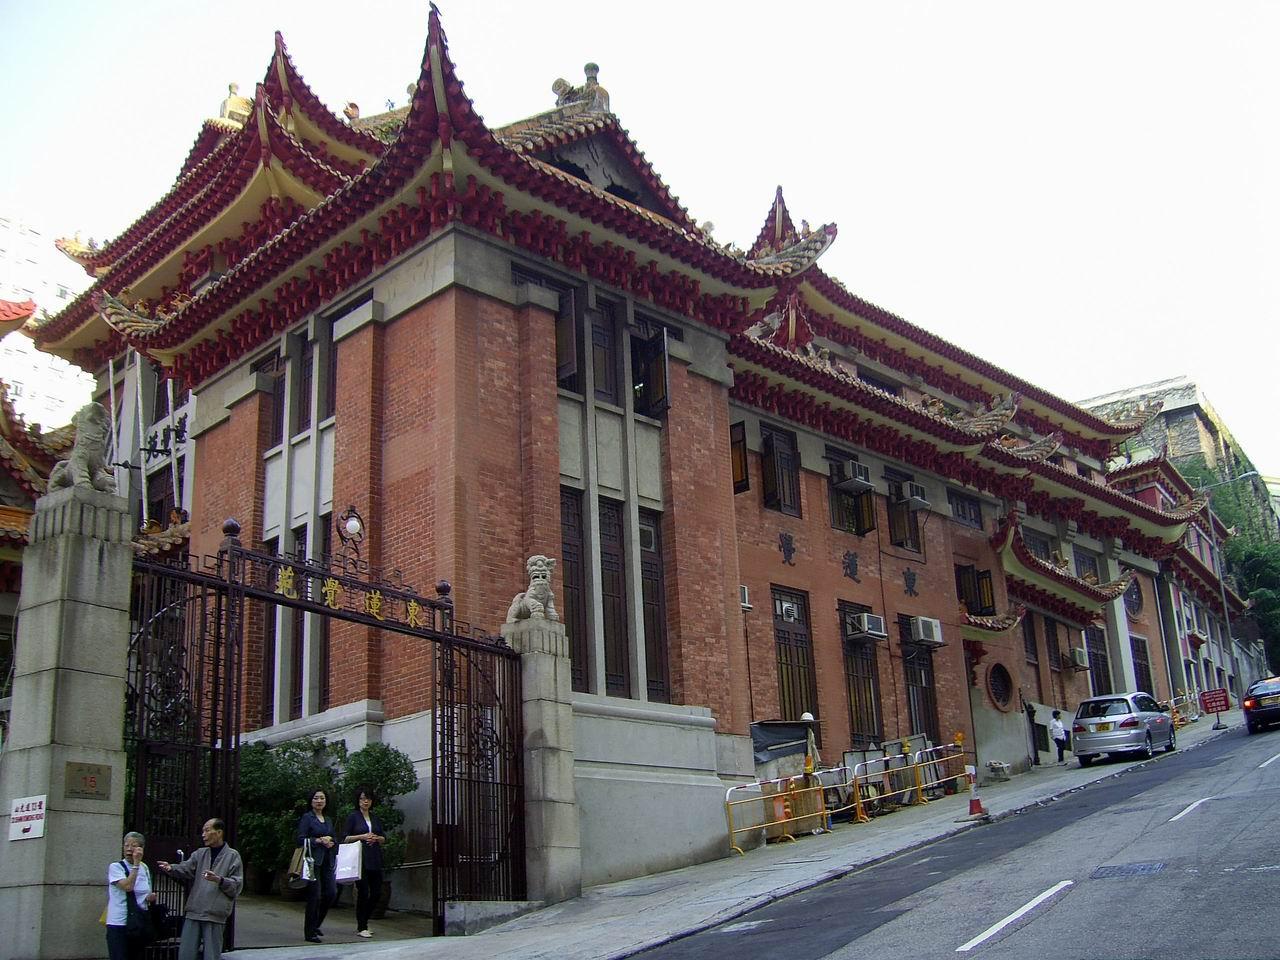 三幢建築獲列法定古蹟|大紀元時報 香港|獨立敢言的良心媒體